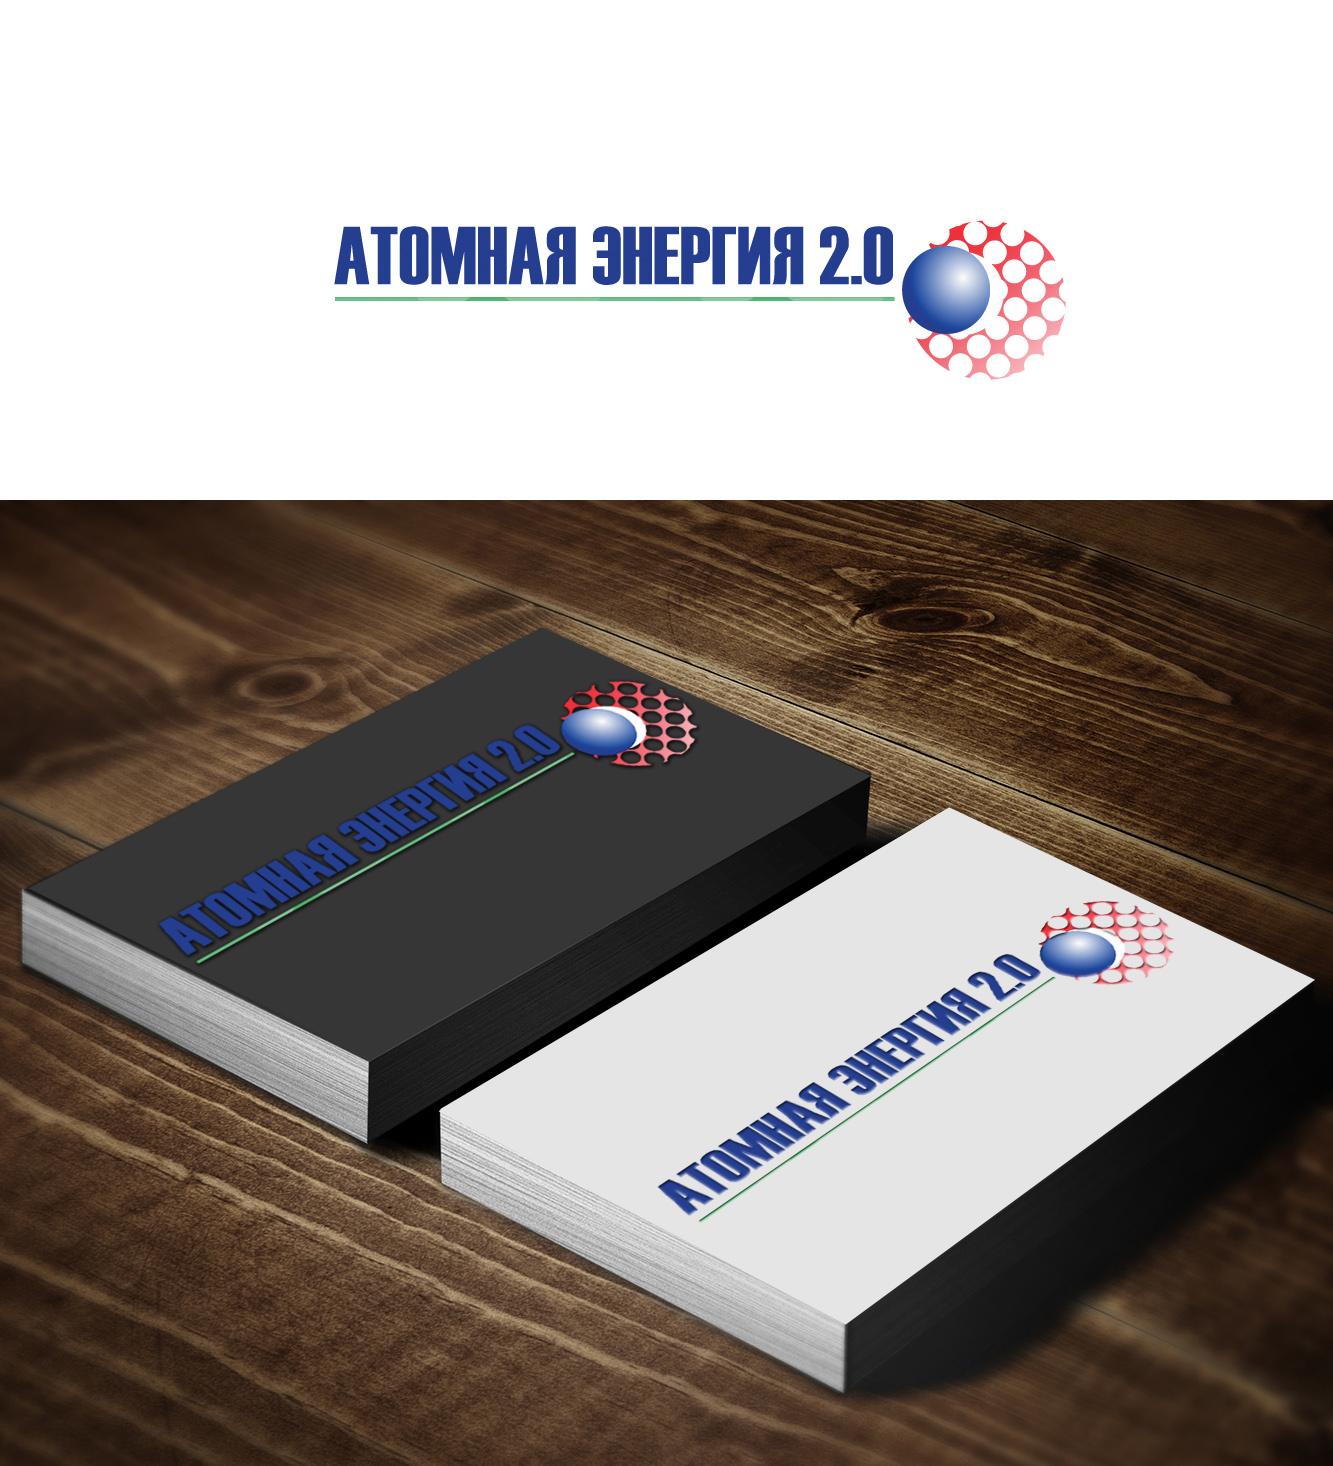 """Фирменный стиль для научного портала """"Атомная энергия 2.0"""" фото f_32459e52a1354093.jpg"""